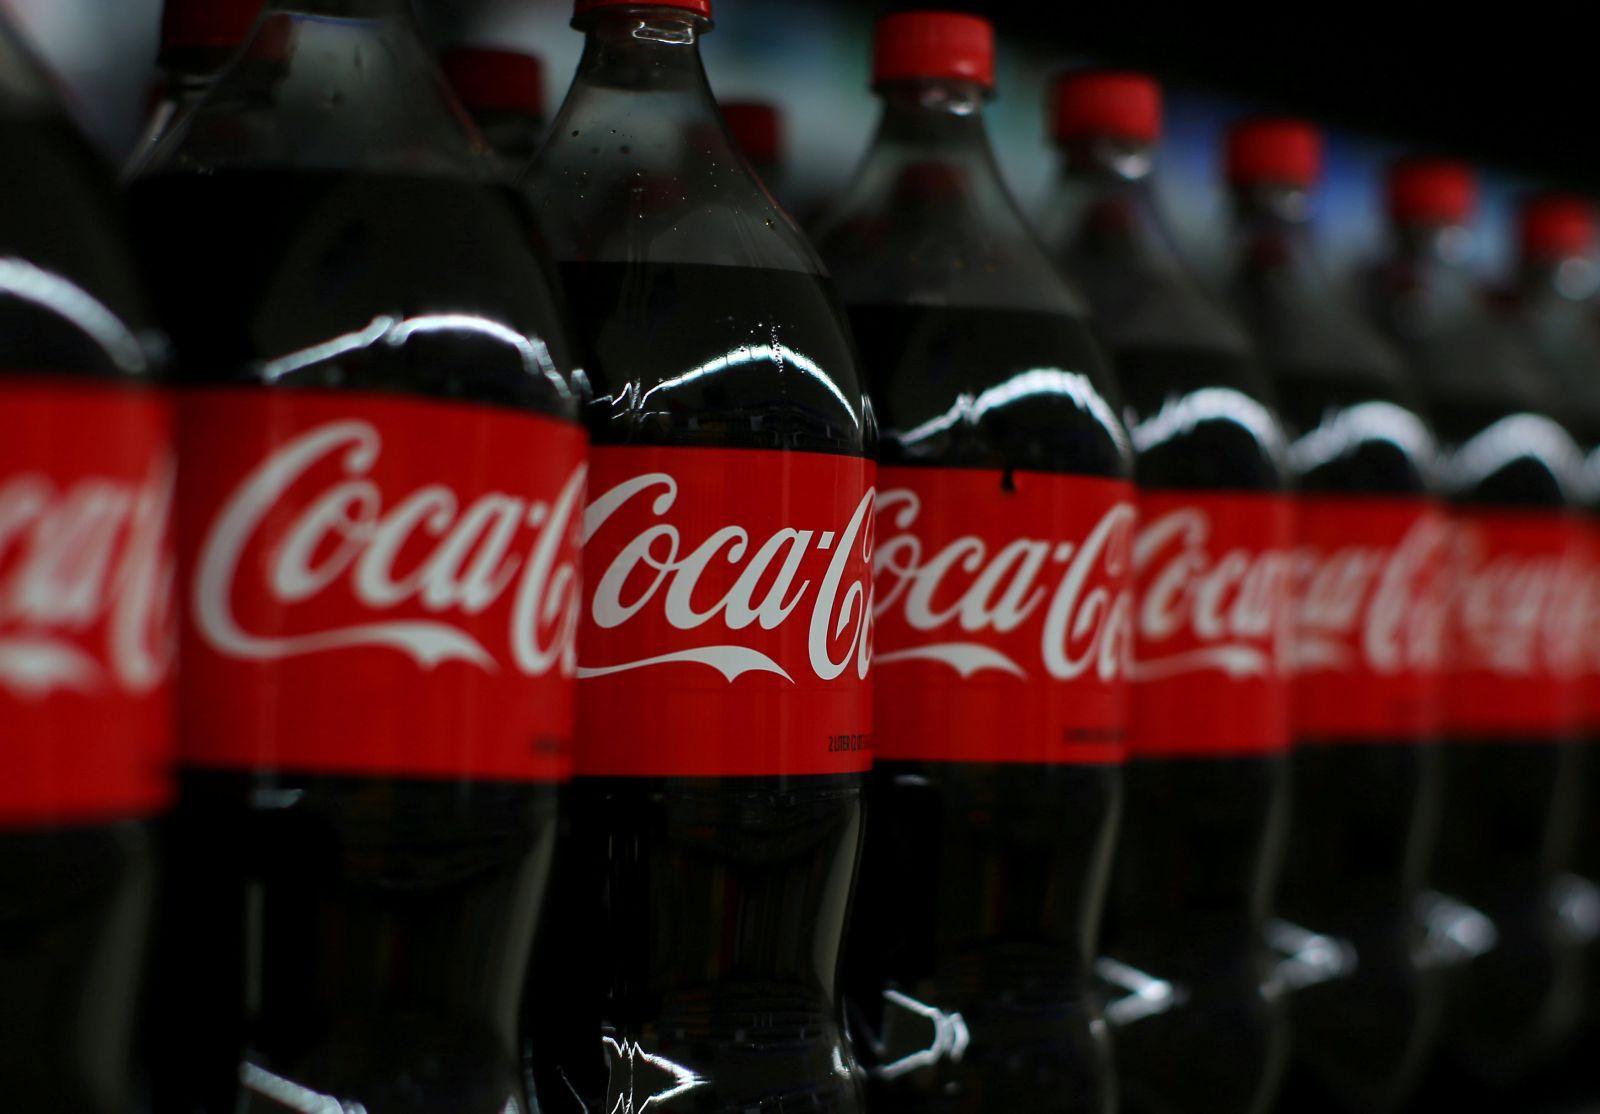 Từ hai thập kỷ không đóng một đồng thuế của Coca-Cola ở Việt Nam